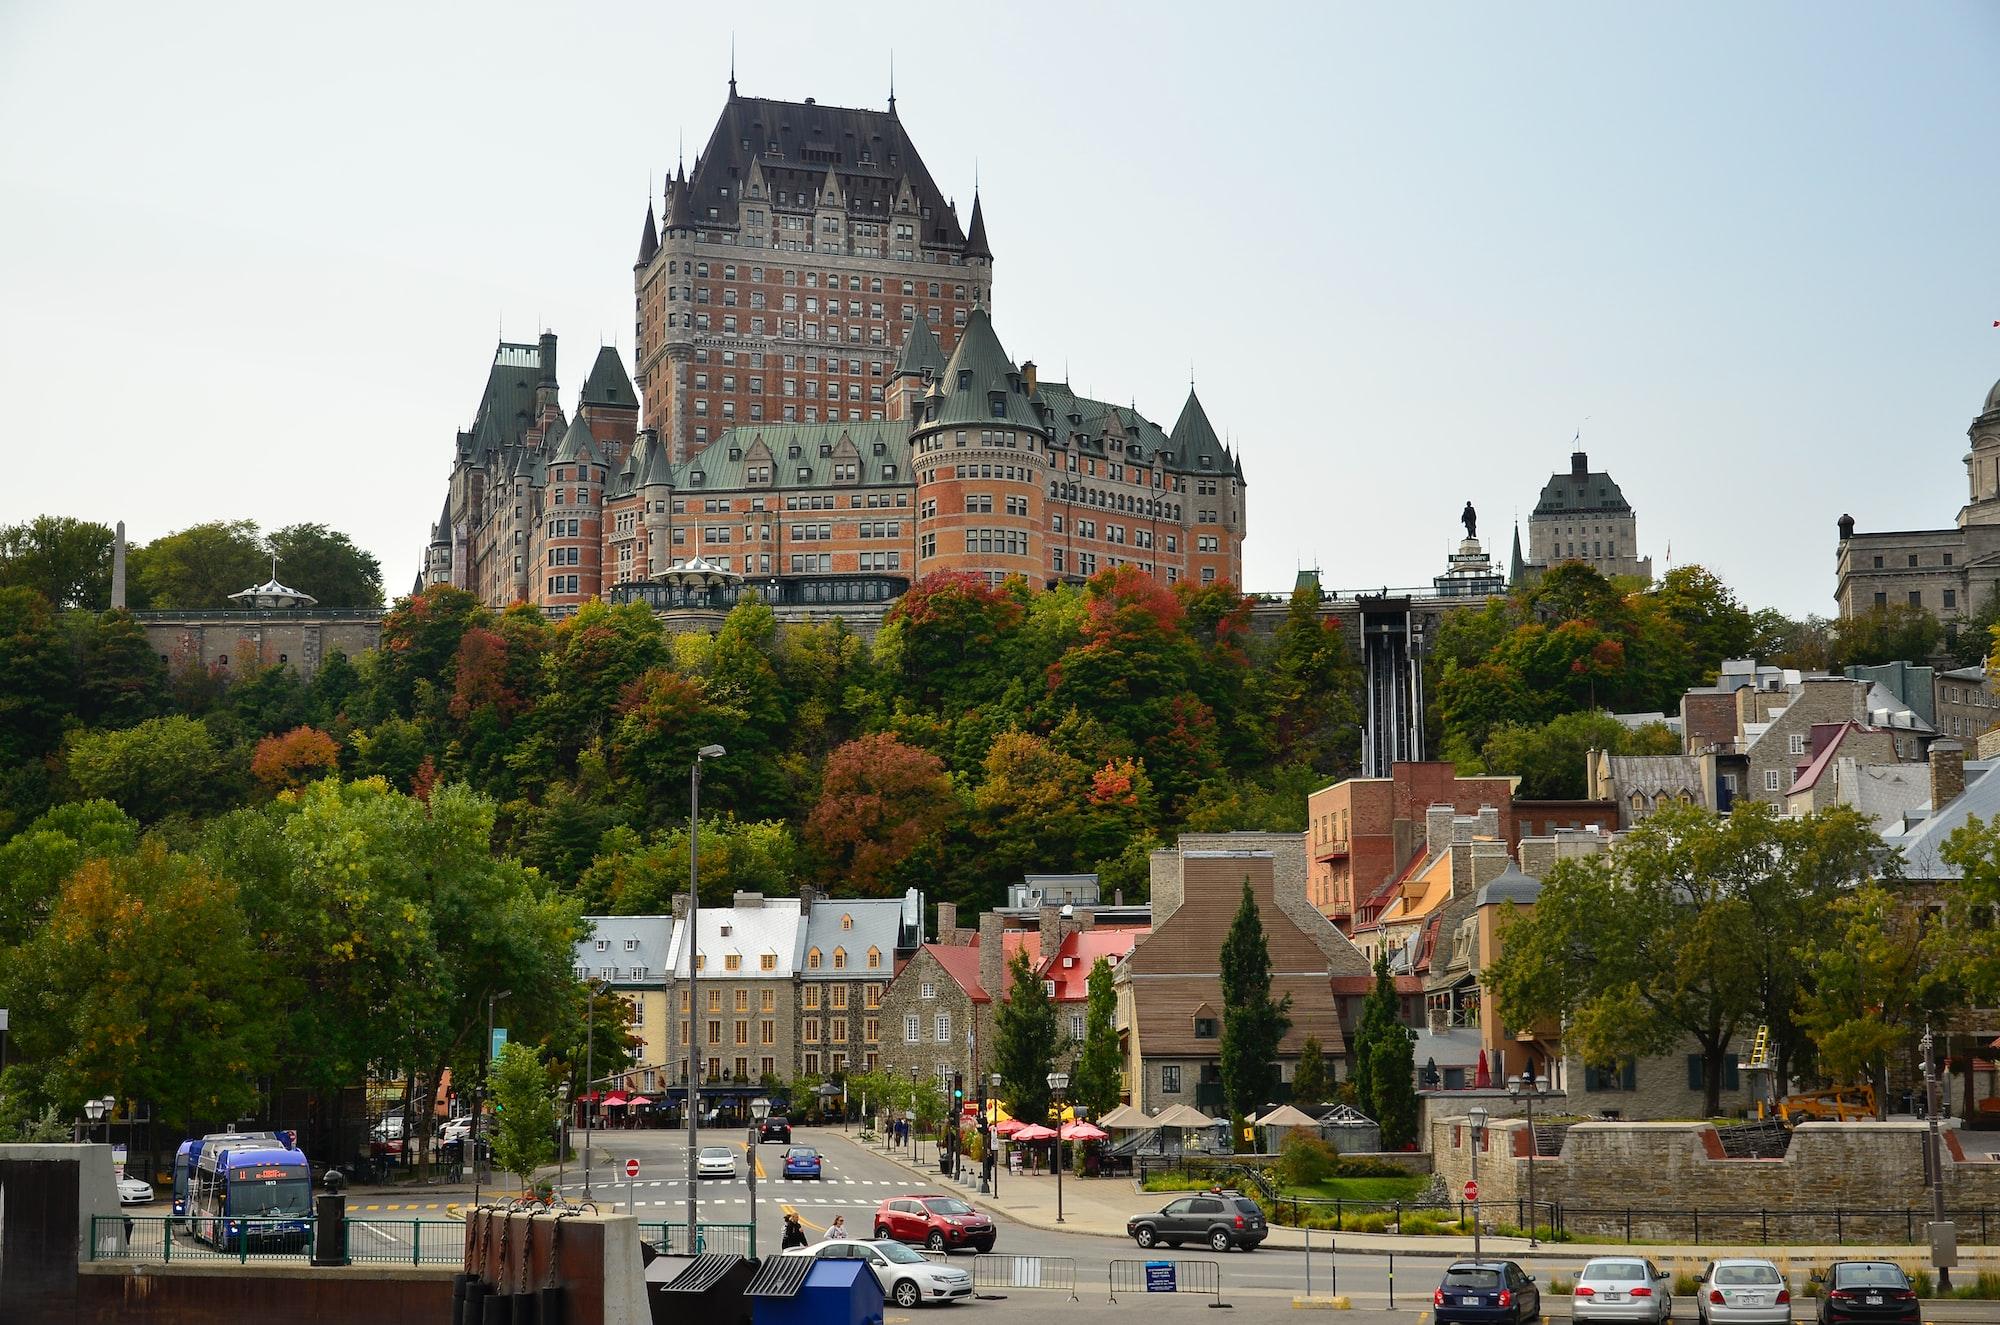 加拿大37%新增投资用于房地产